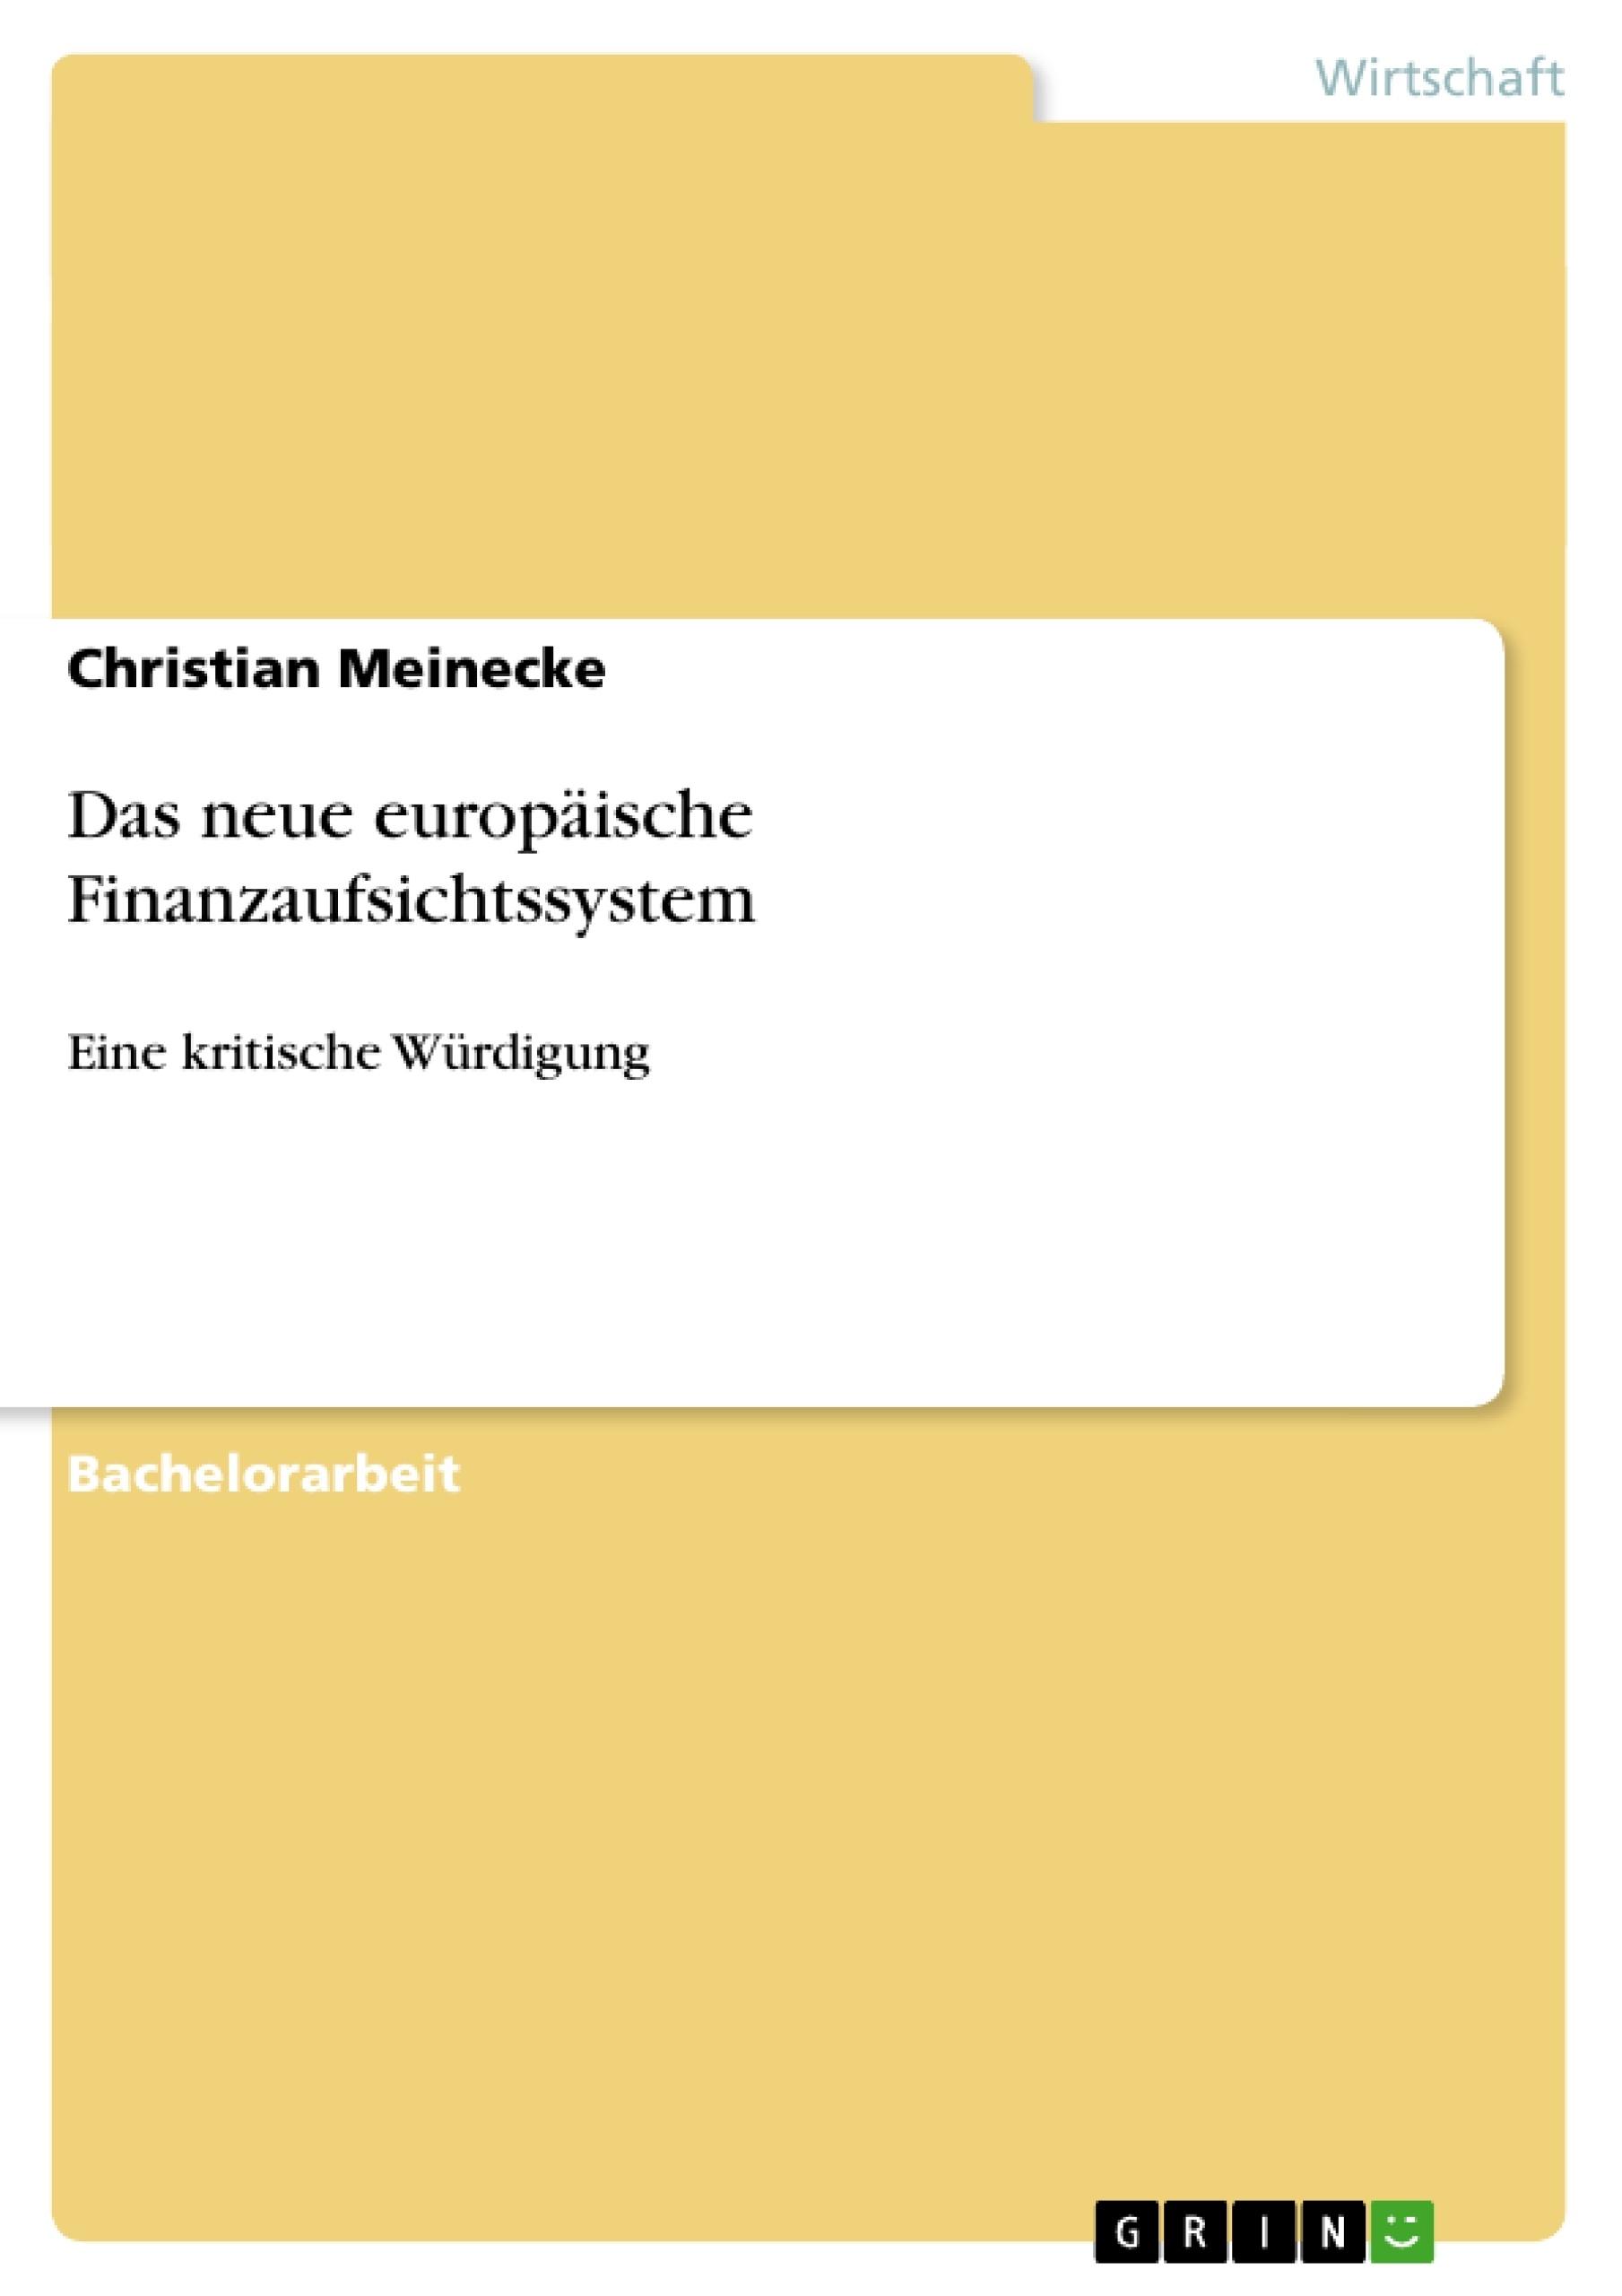 Titel: Das neue europäische Finanzaufsichtssystem